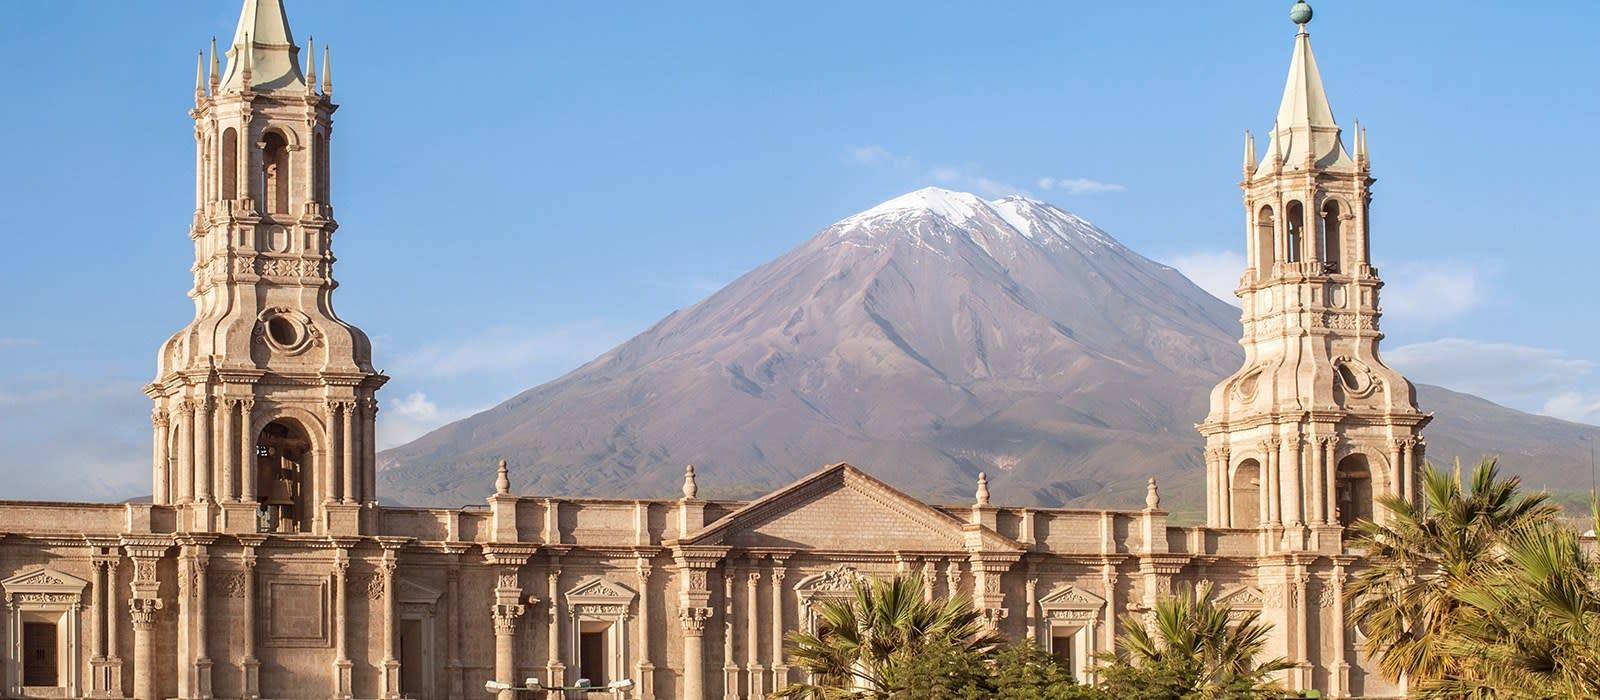 Reiseziel Arequipa Peru